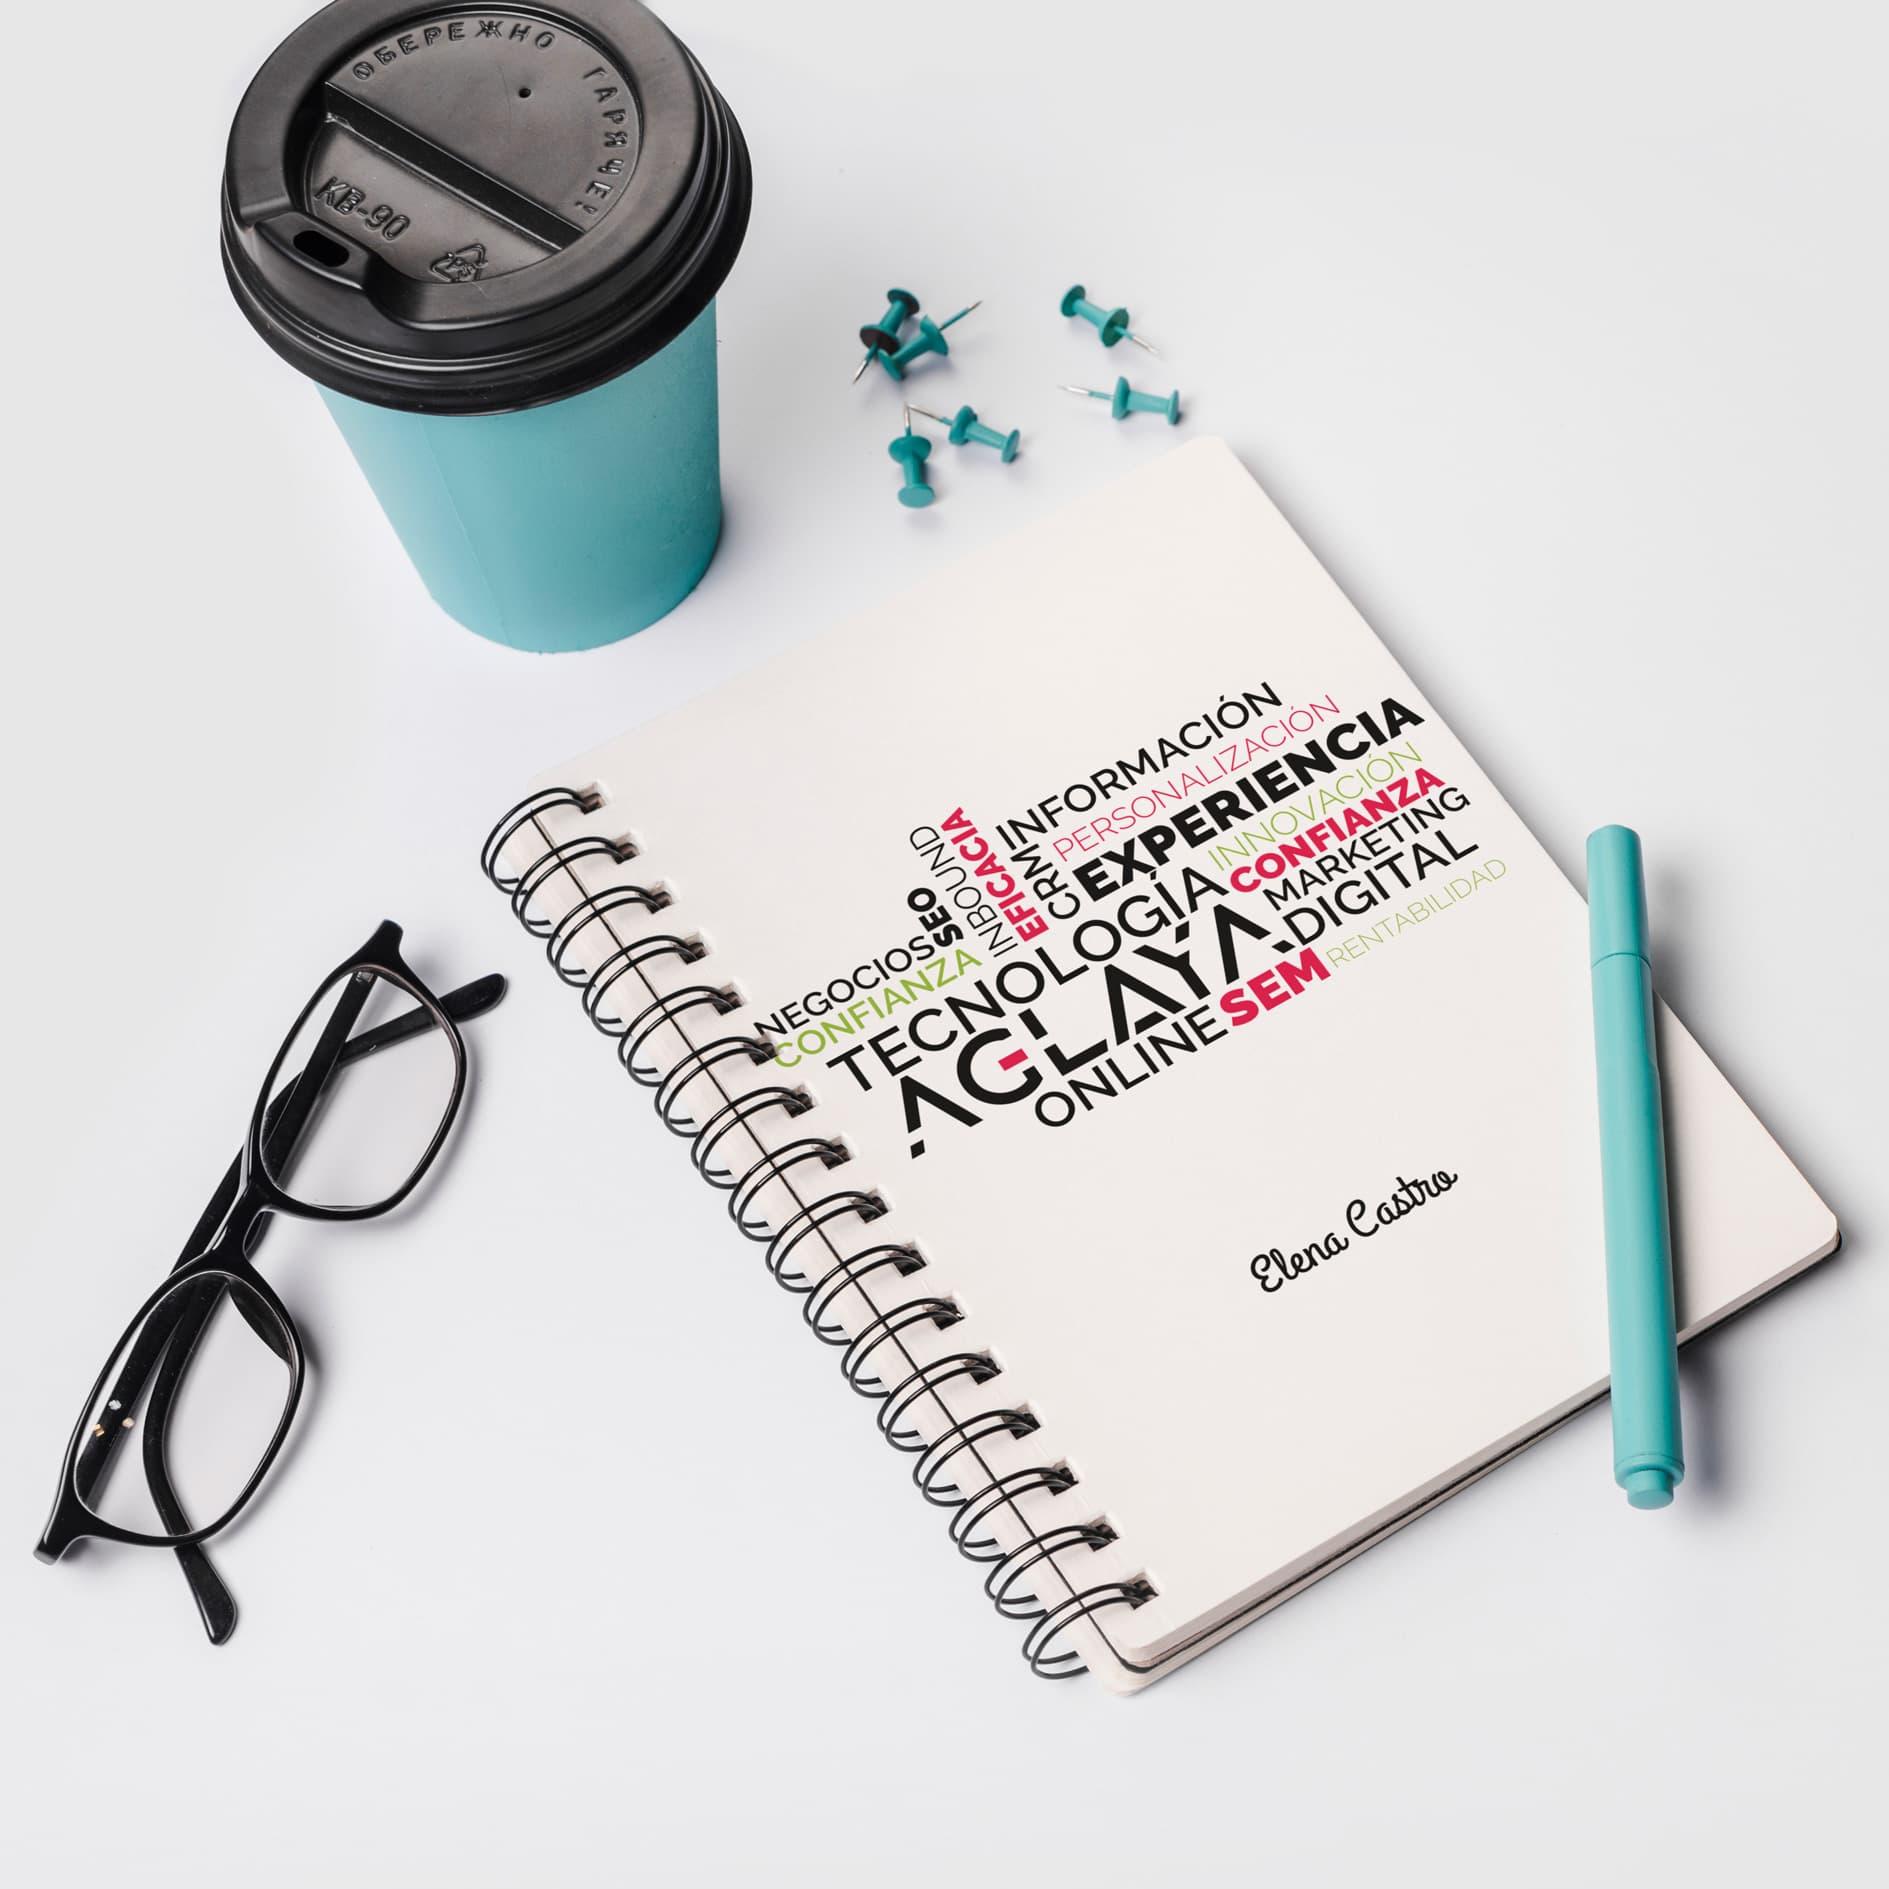 Cuadernos personalizados corporativos